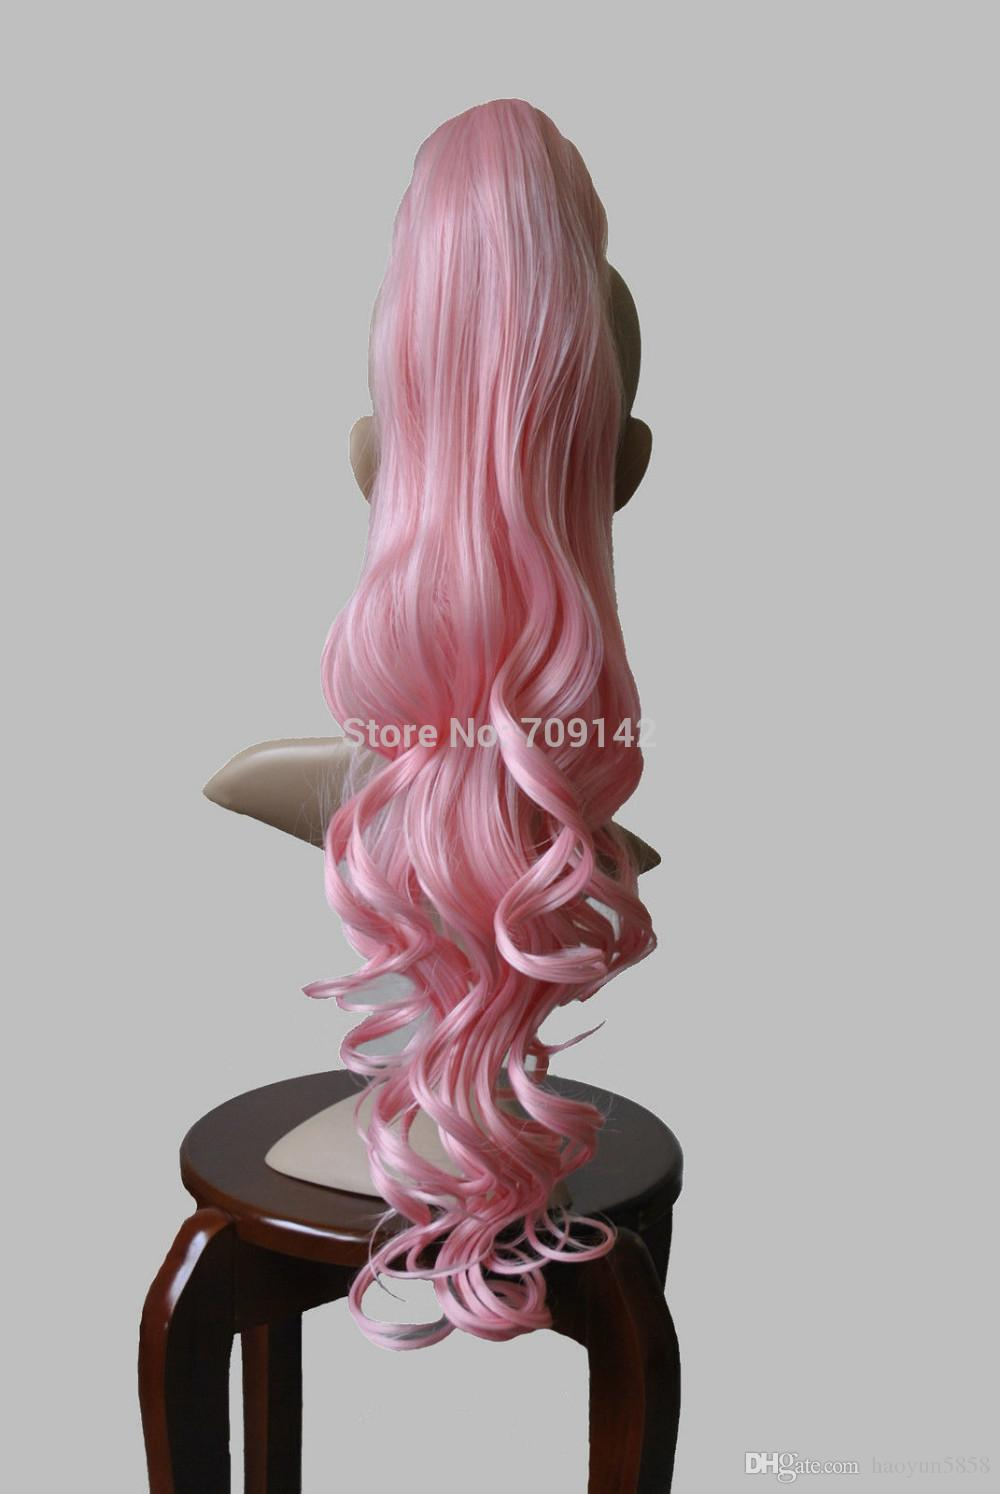 26 인치 핑크 헤어핀 물결 모양 가발 포니 테일 hImitation Uman Kanekalon hair 무료 제공